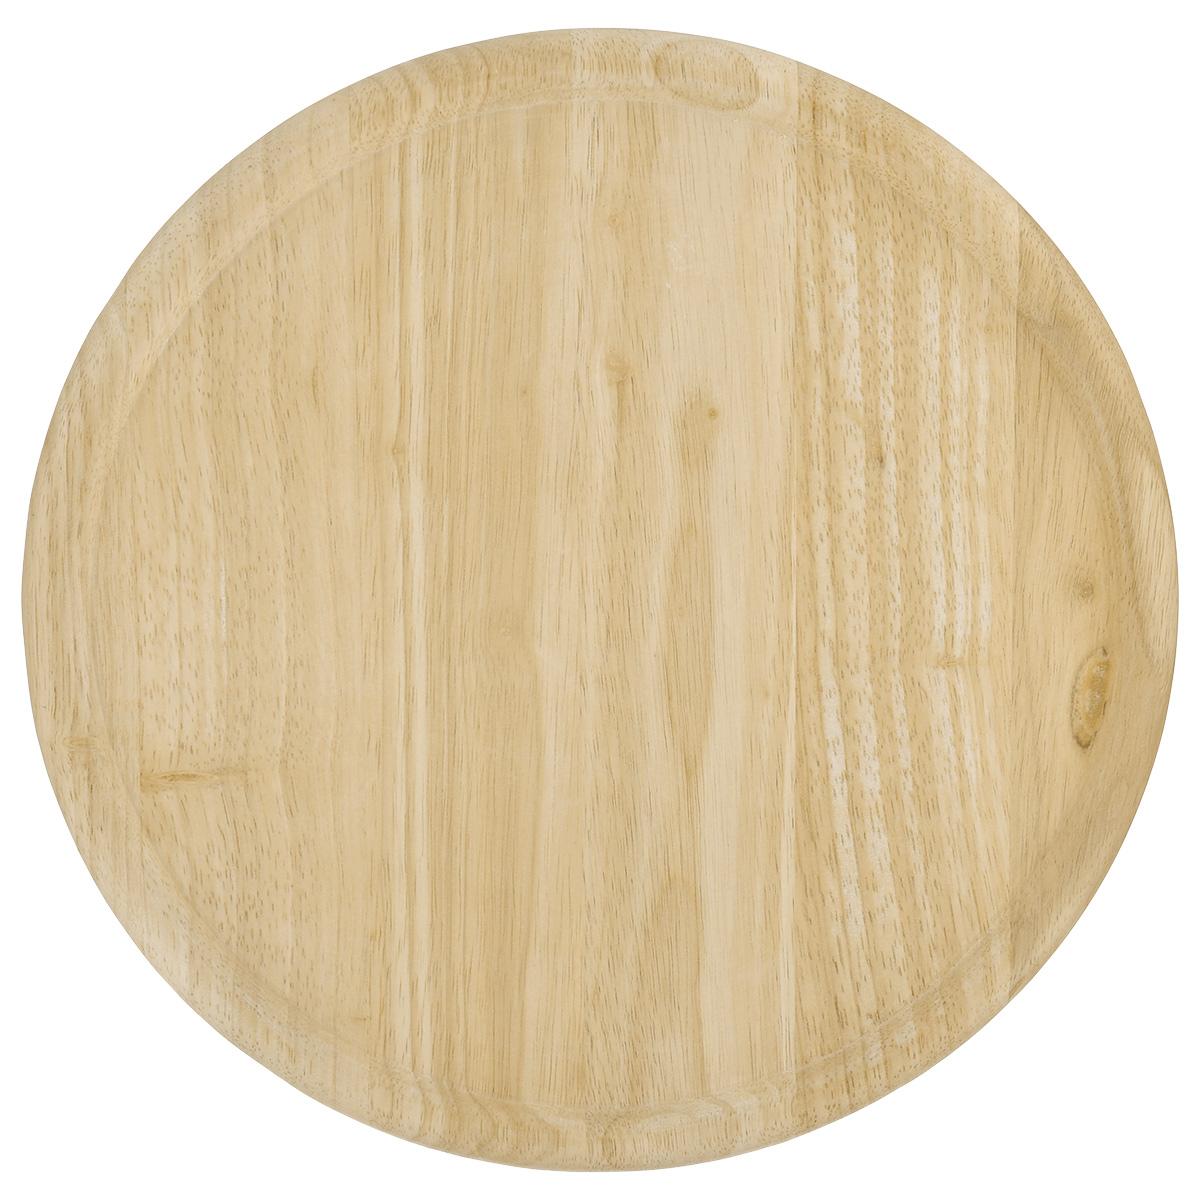 """Доска для пиццы """"Kesper"""" изготовлена из каучукового твердого дерева. Бортик позволяет пицце не соскальзывать с поверхности. Доска удобна в эксплуатации. Подходит как для домашнего использования, так и для профессиональных точек общепита. Толщина: 1,5 см. Высота бортика: 0,5 см. Внутренний диаметр: 28 см"""